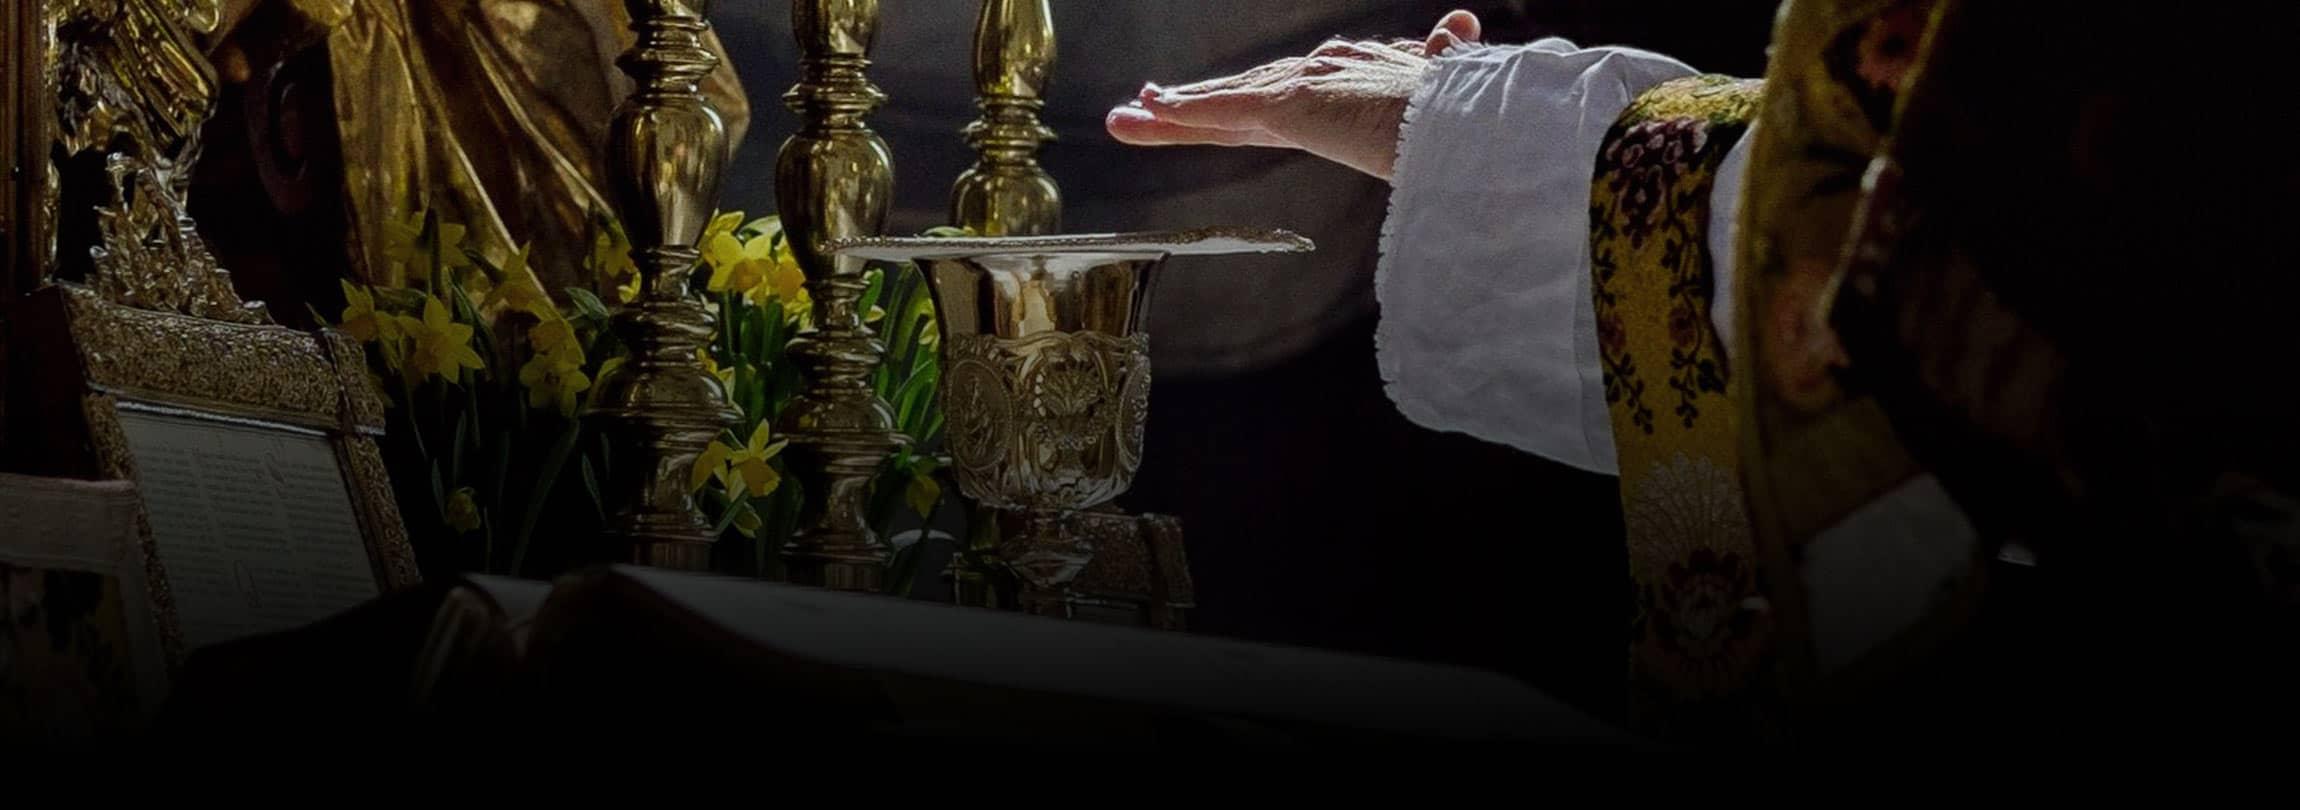 A grandeza na Liturgia aponta para a Beleza de Deus